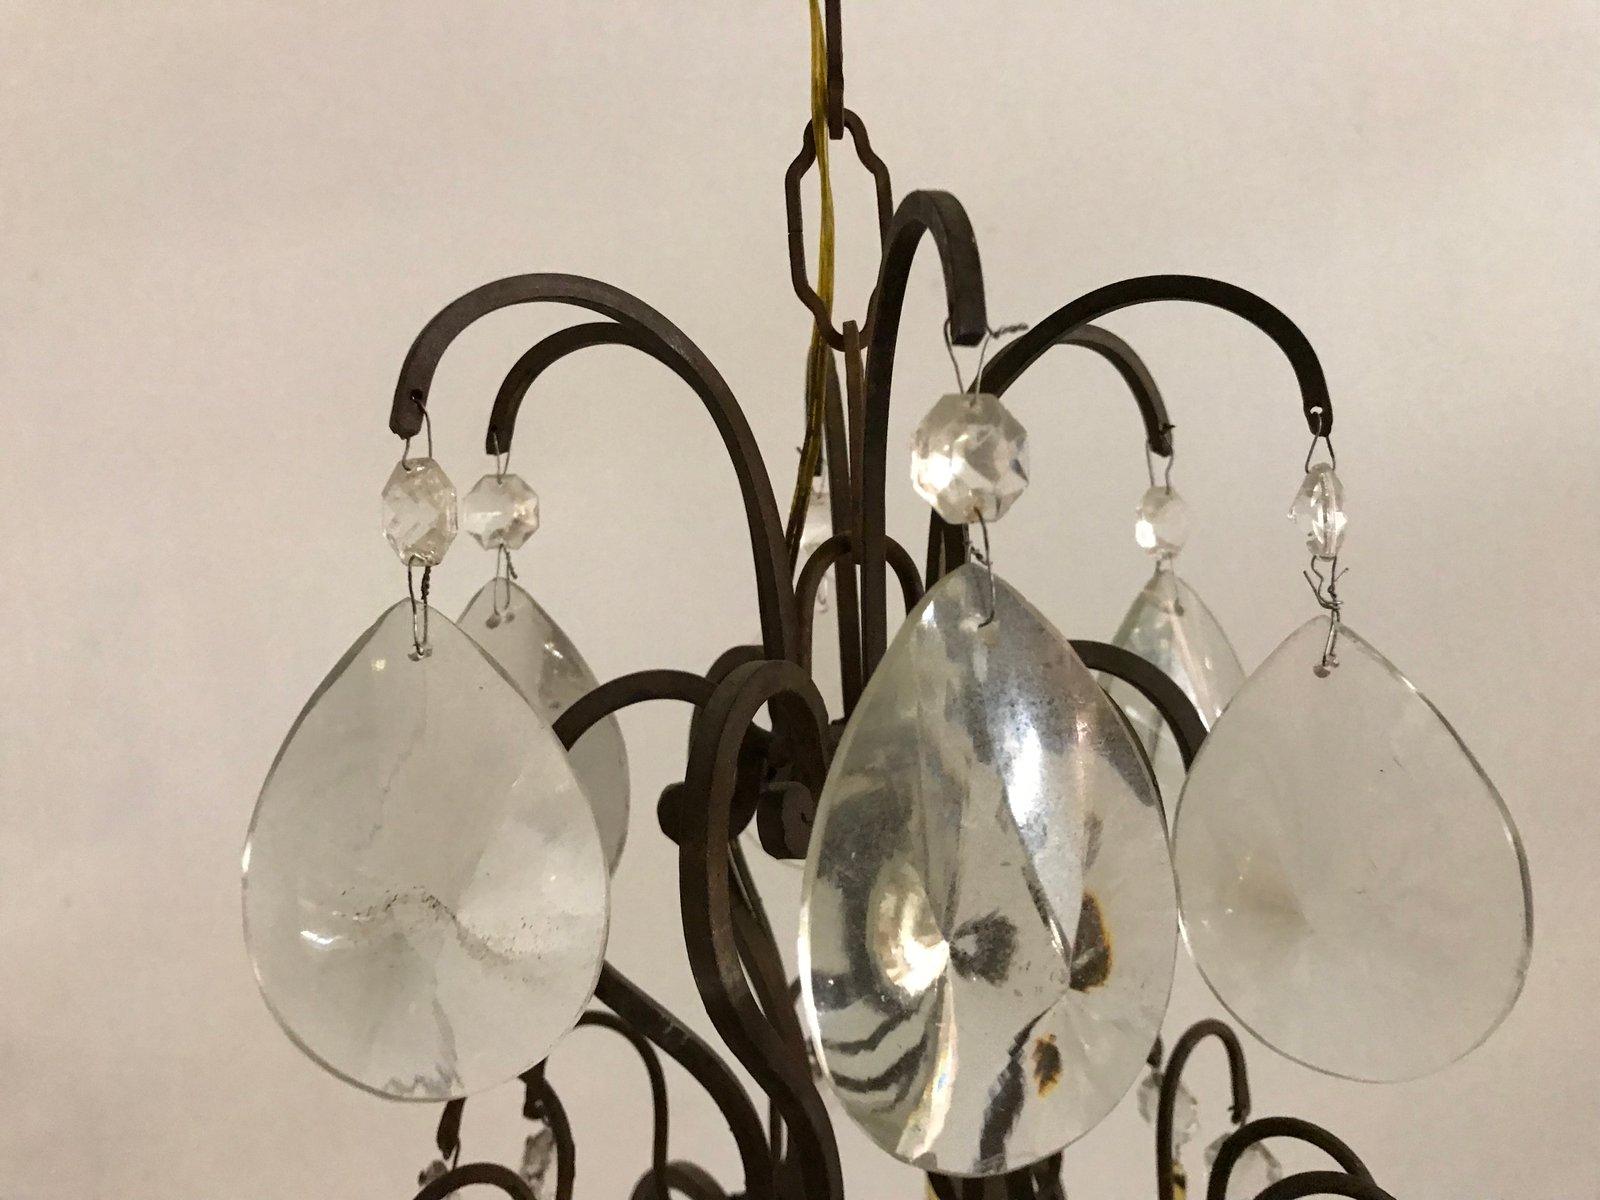 Kronleuchter Mit Früchten ~ Murano glas kronleuchter lampen geschenke und schmuck aus